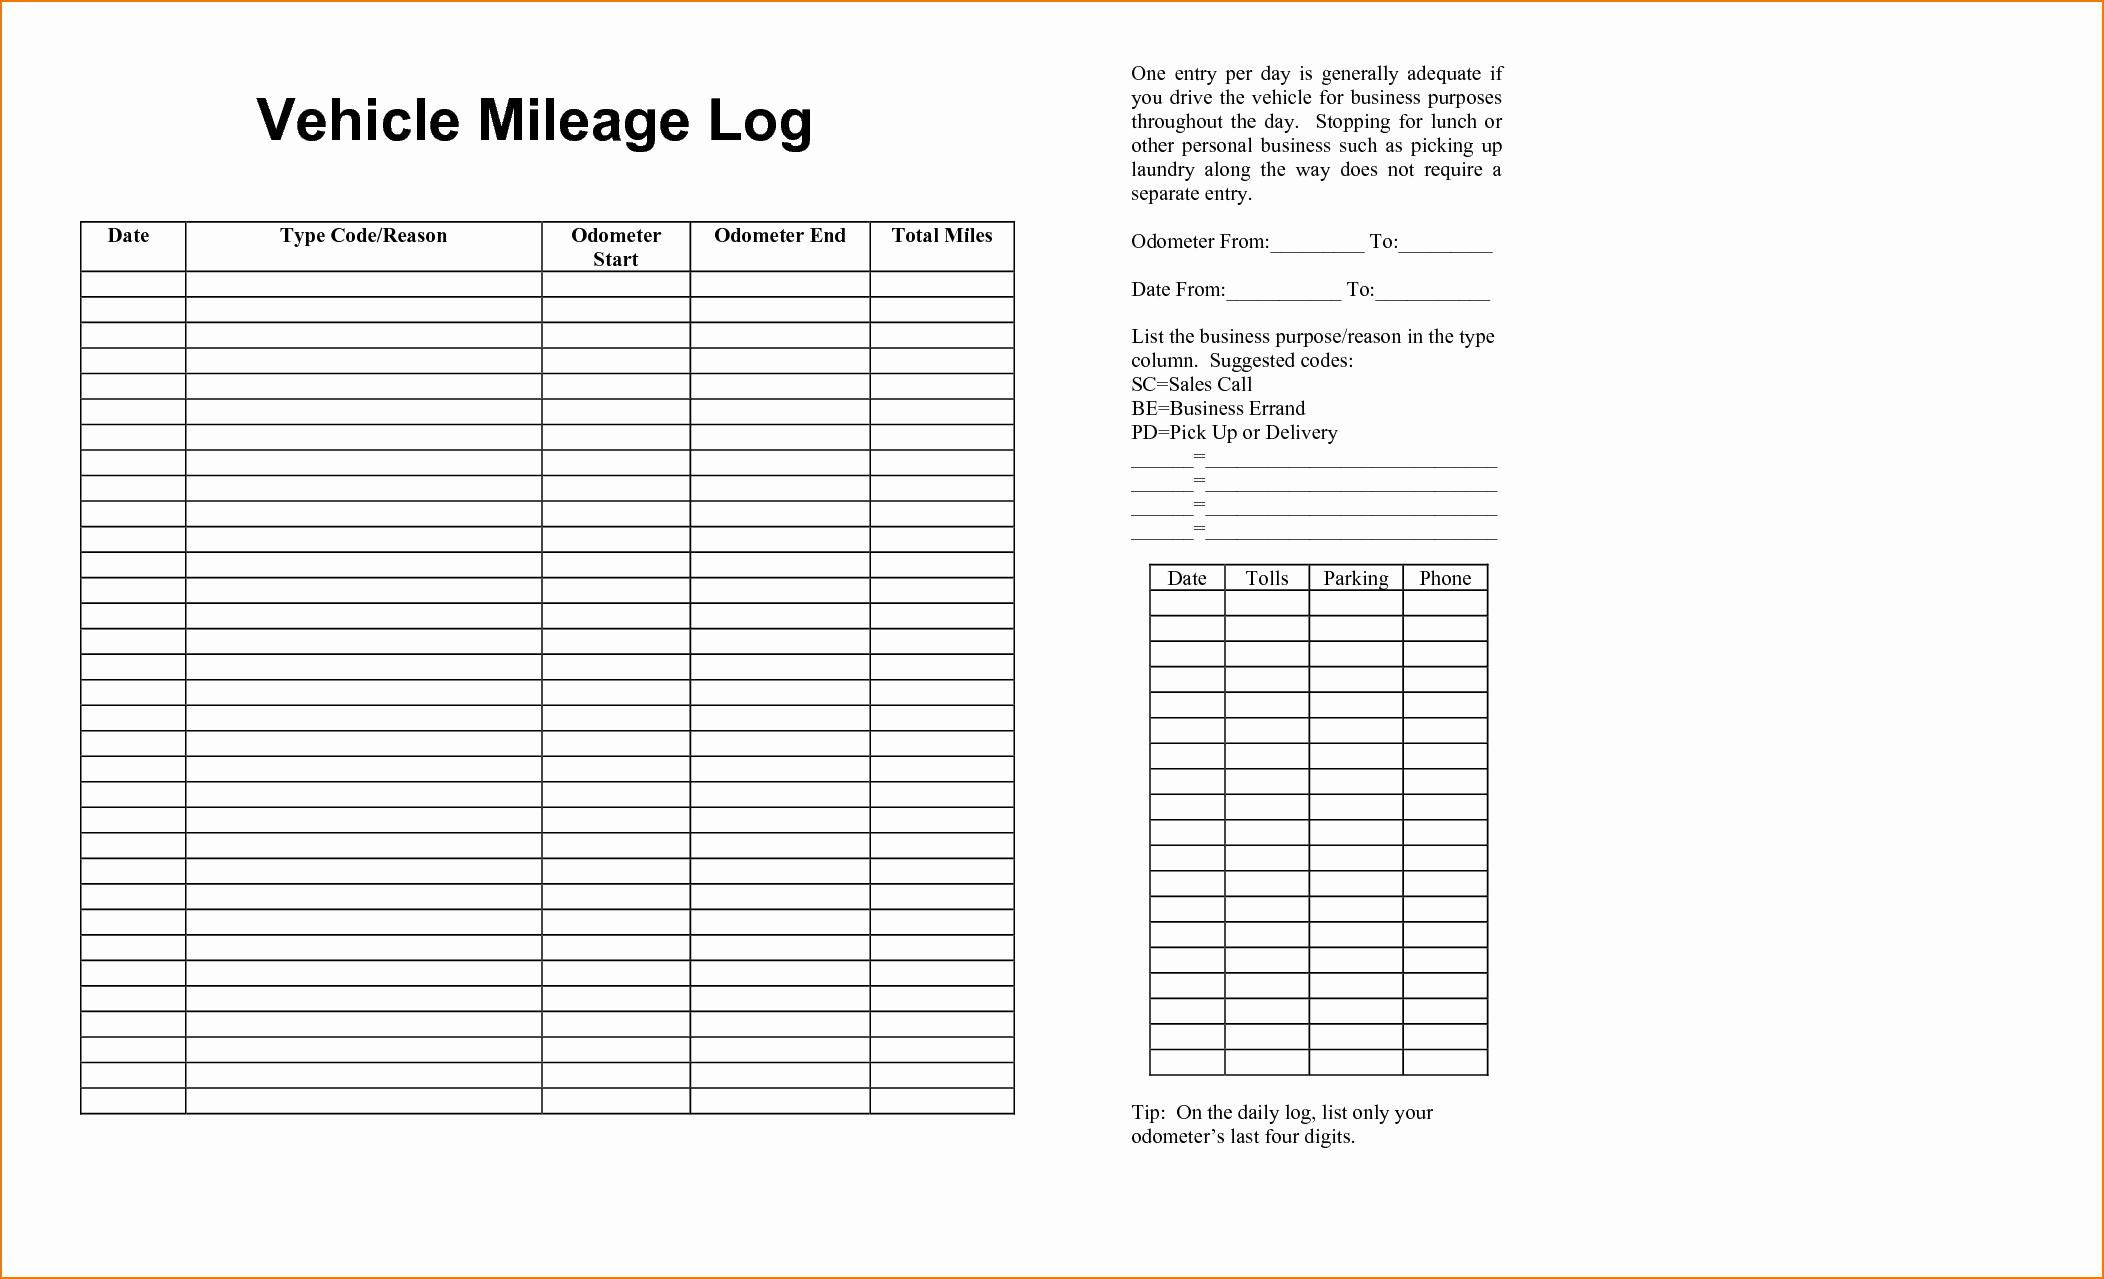 Gas Mileage Log Sheet Free Elegant 6 Vehicle Mileage Log